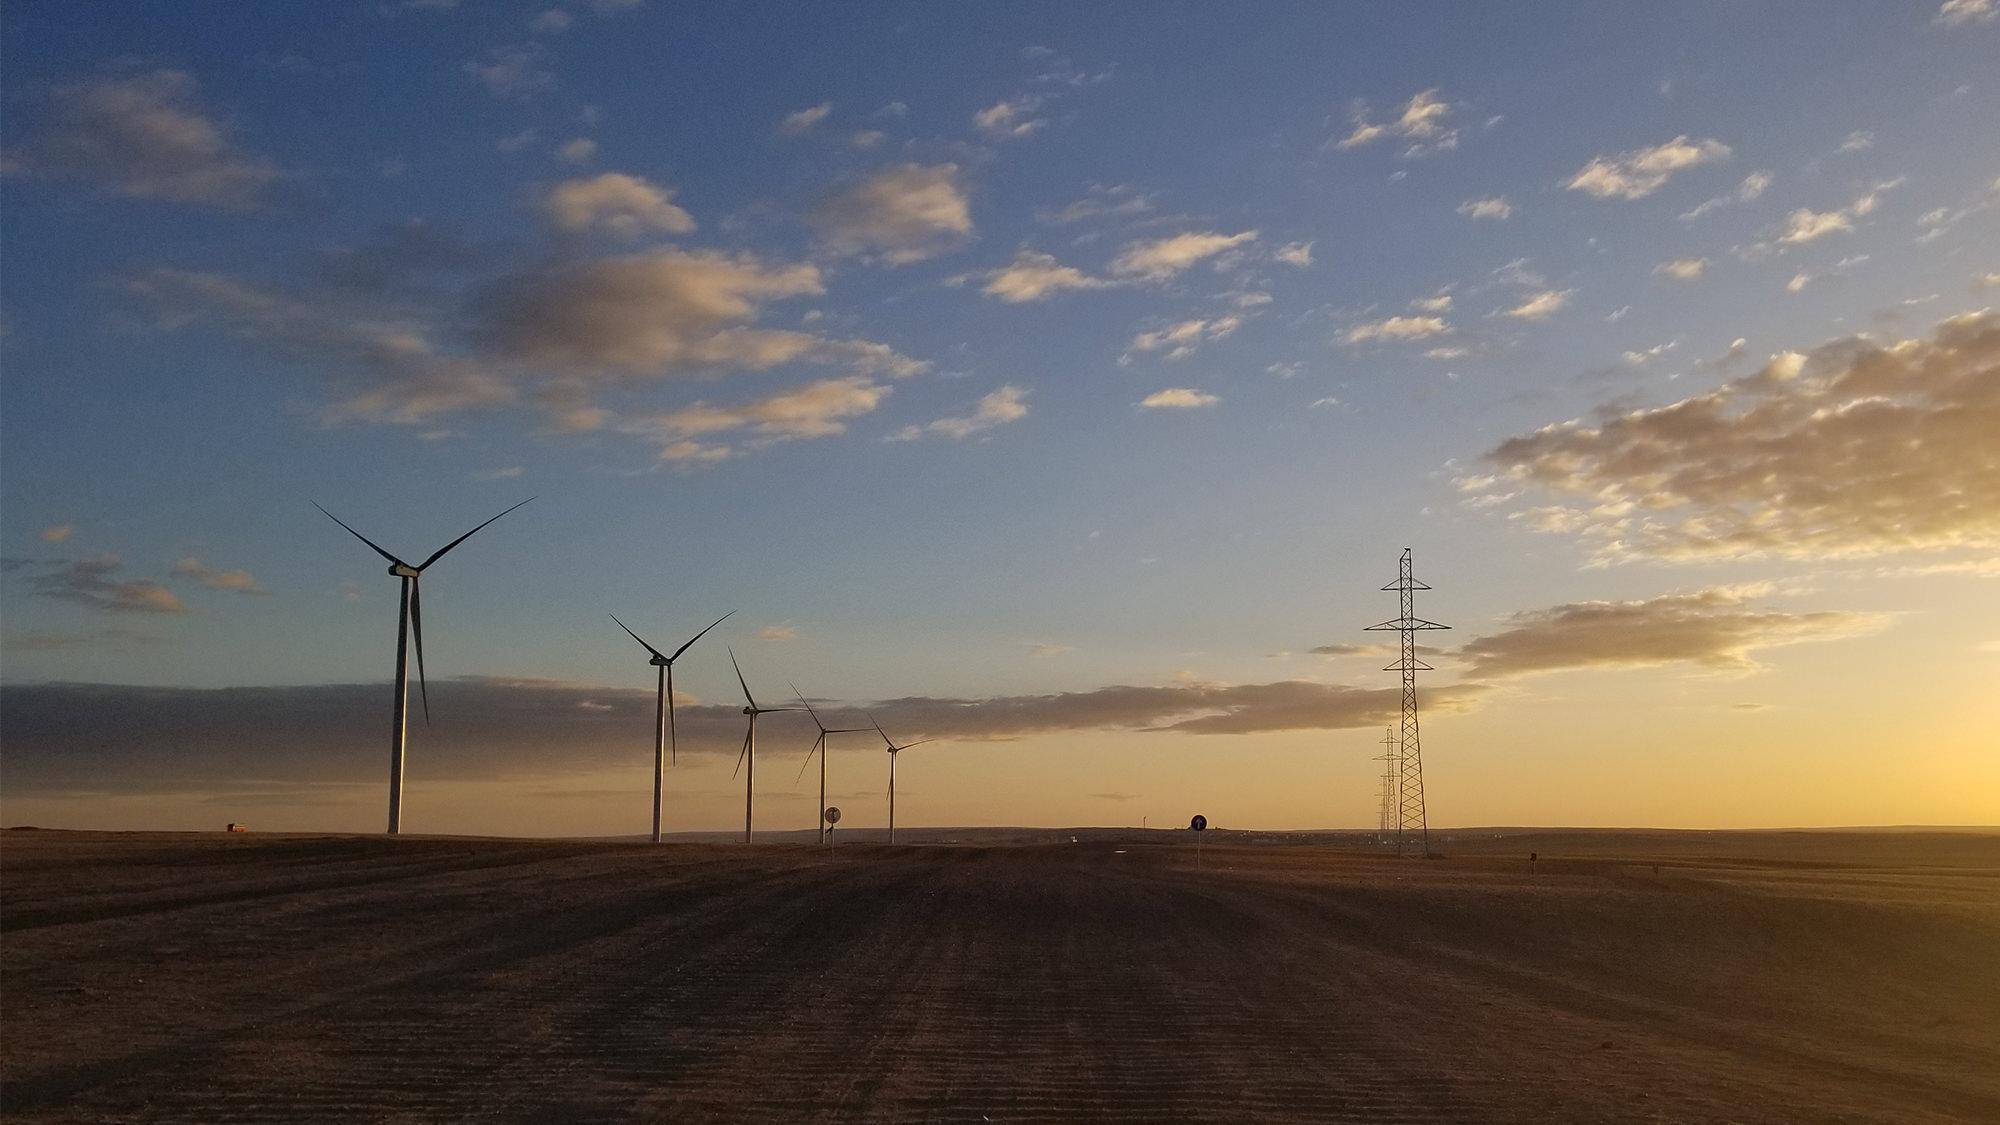 sainshand-wind-farm-image-1